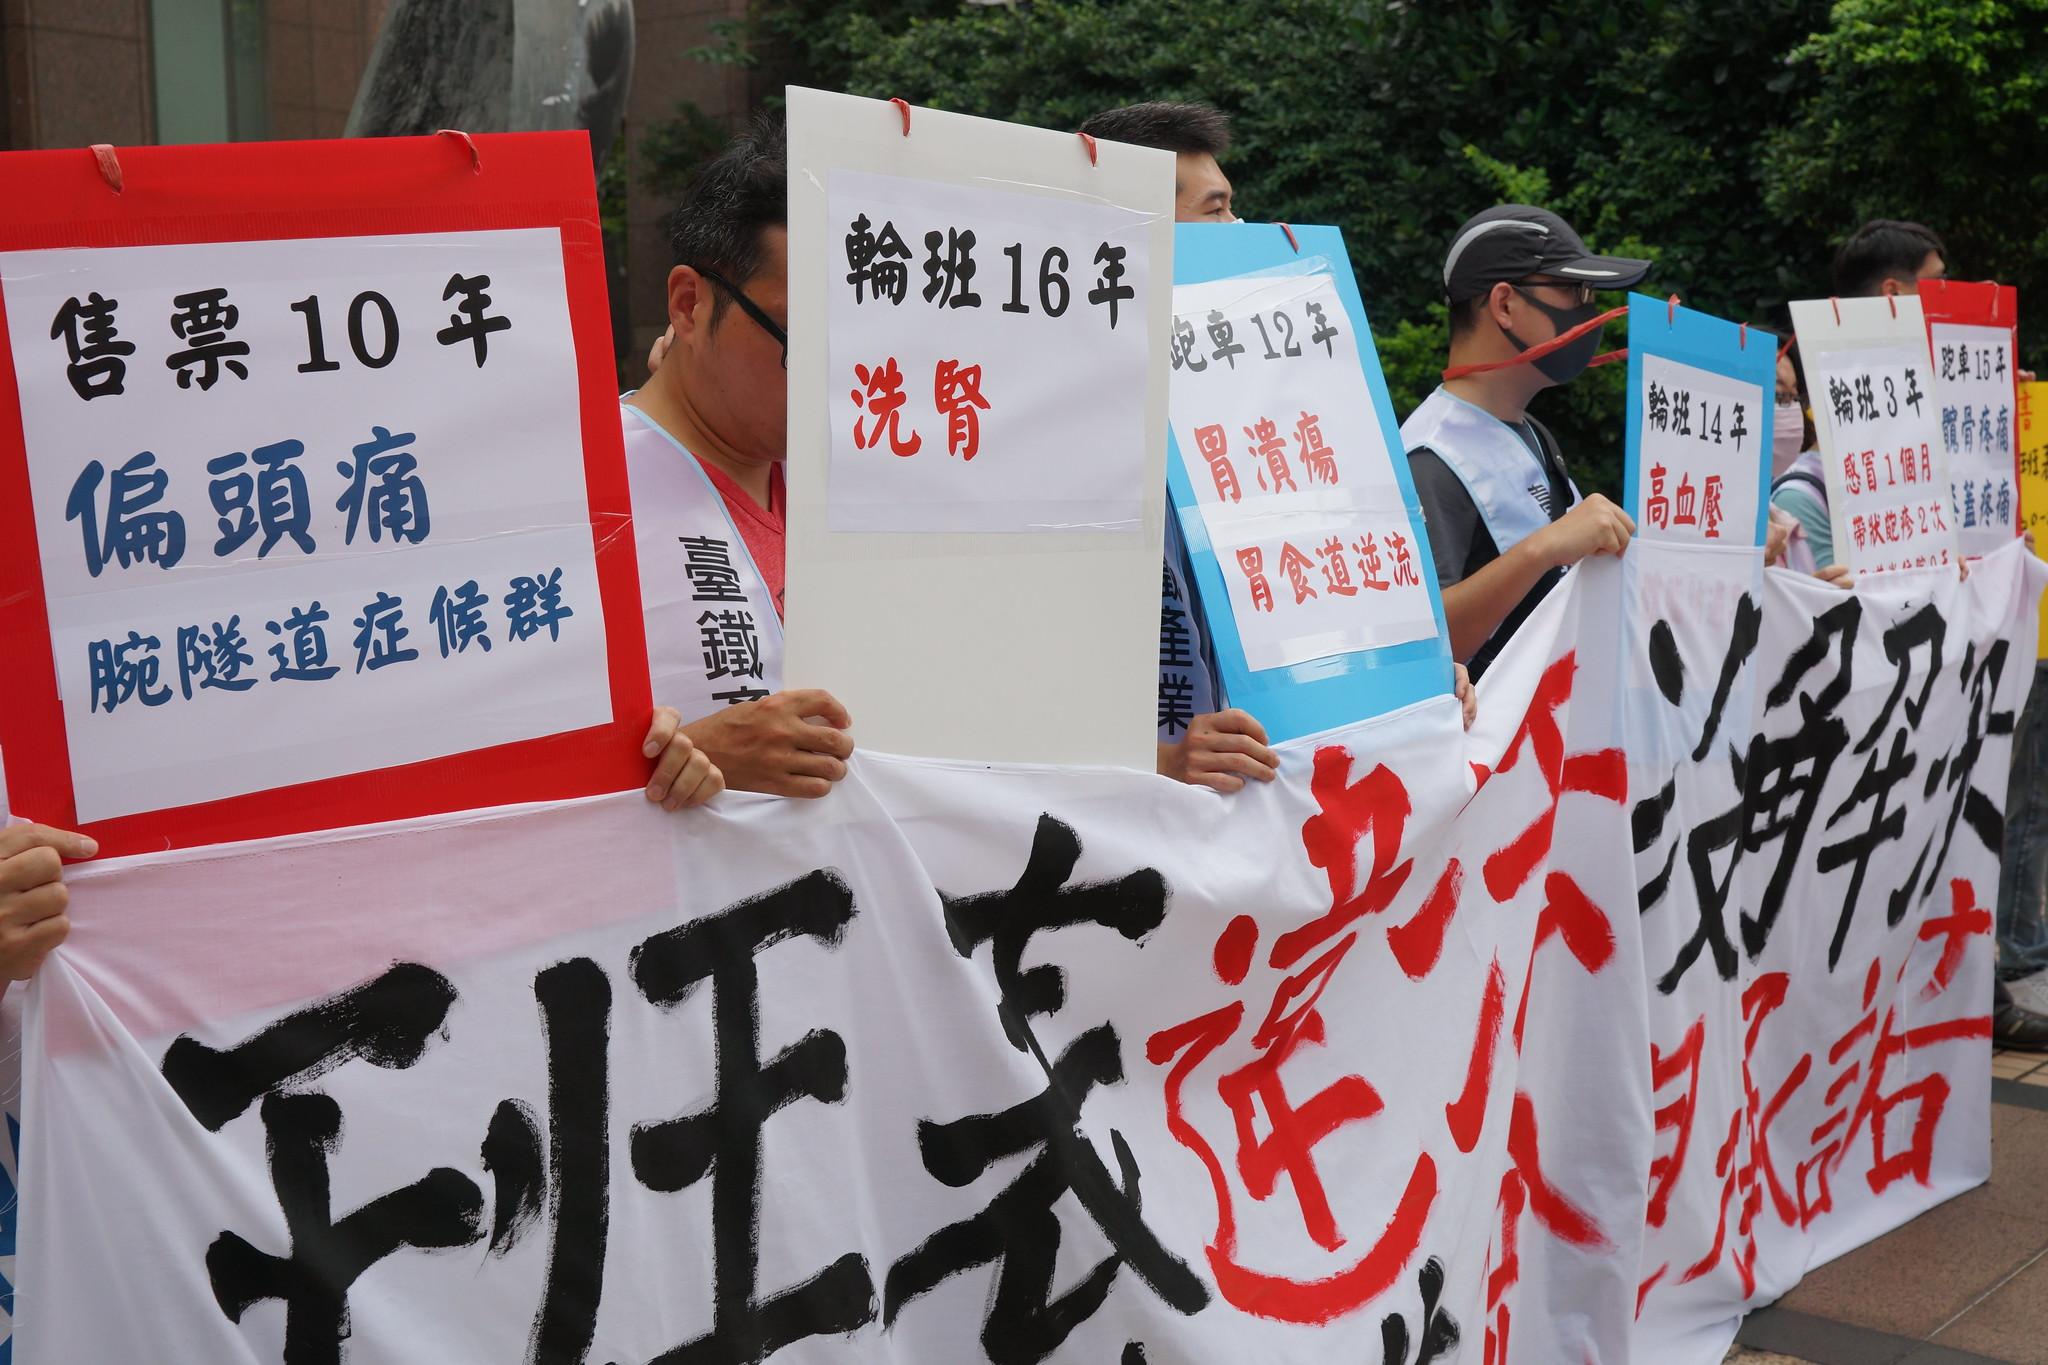 工会成员在劳动部前高举排班制度下自己身患的疾病。(摄影:王颢中)